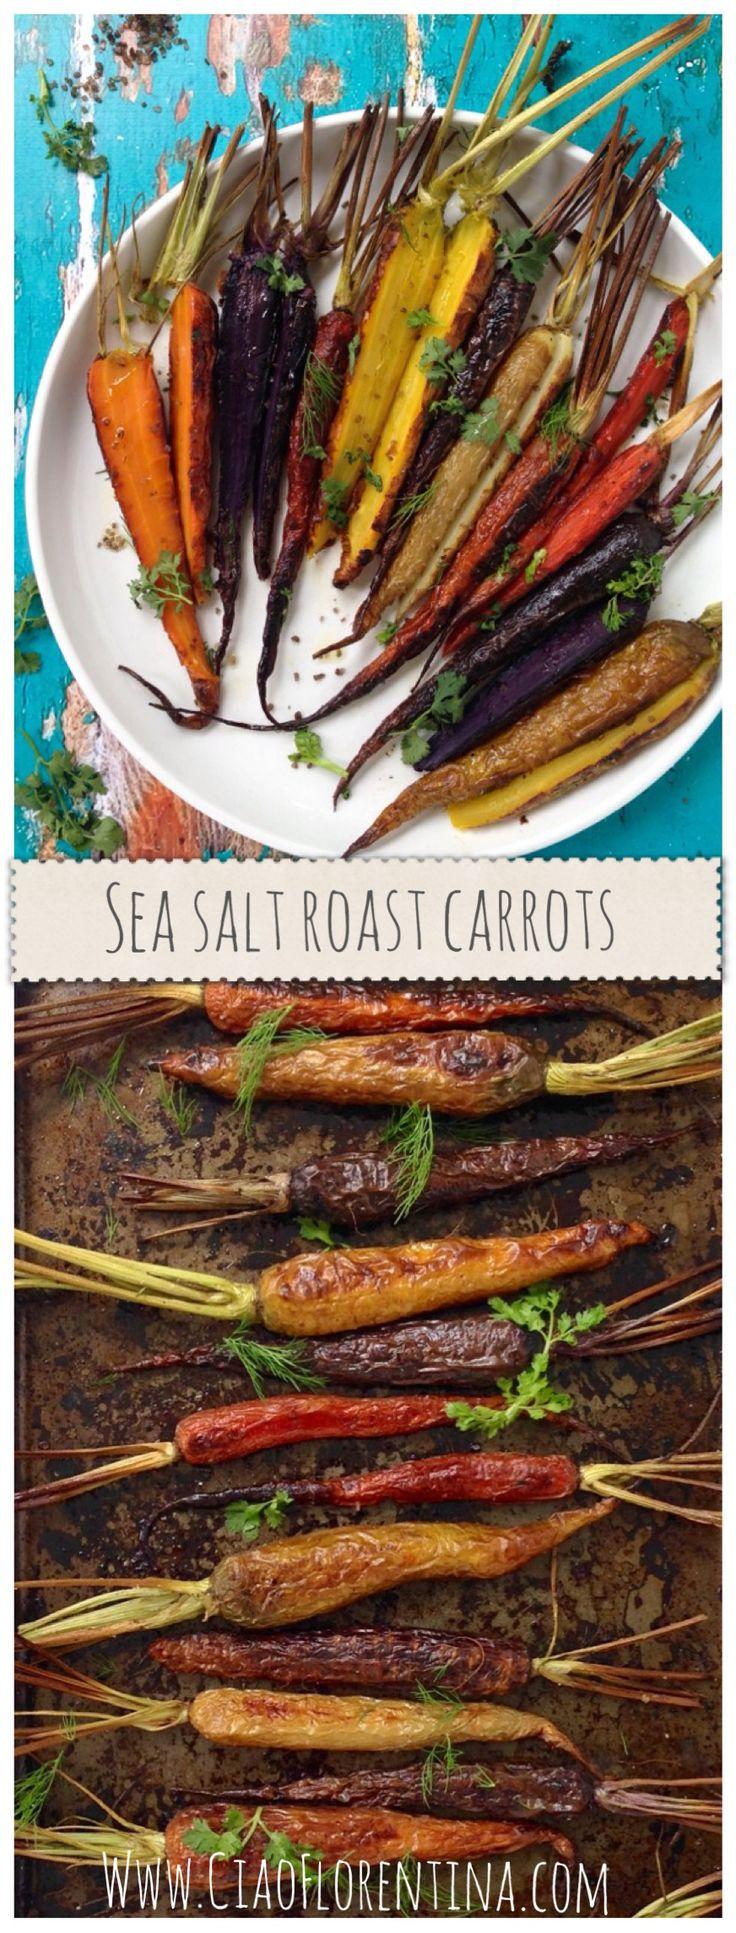 Sea Salt Roast Carrots Recipe , the perfectly roast heirloom carrots sprinkled with coarse sea salt flakes, and fresh herbs. #Sea_salt #Roasted #Carrots #Truffle_salt #Vegetarian #Italian